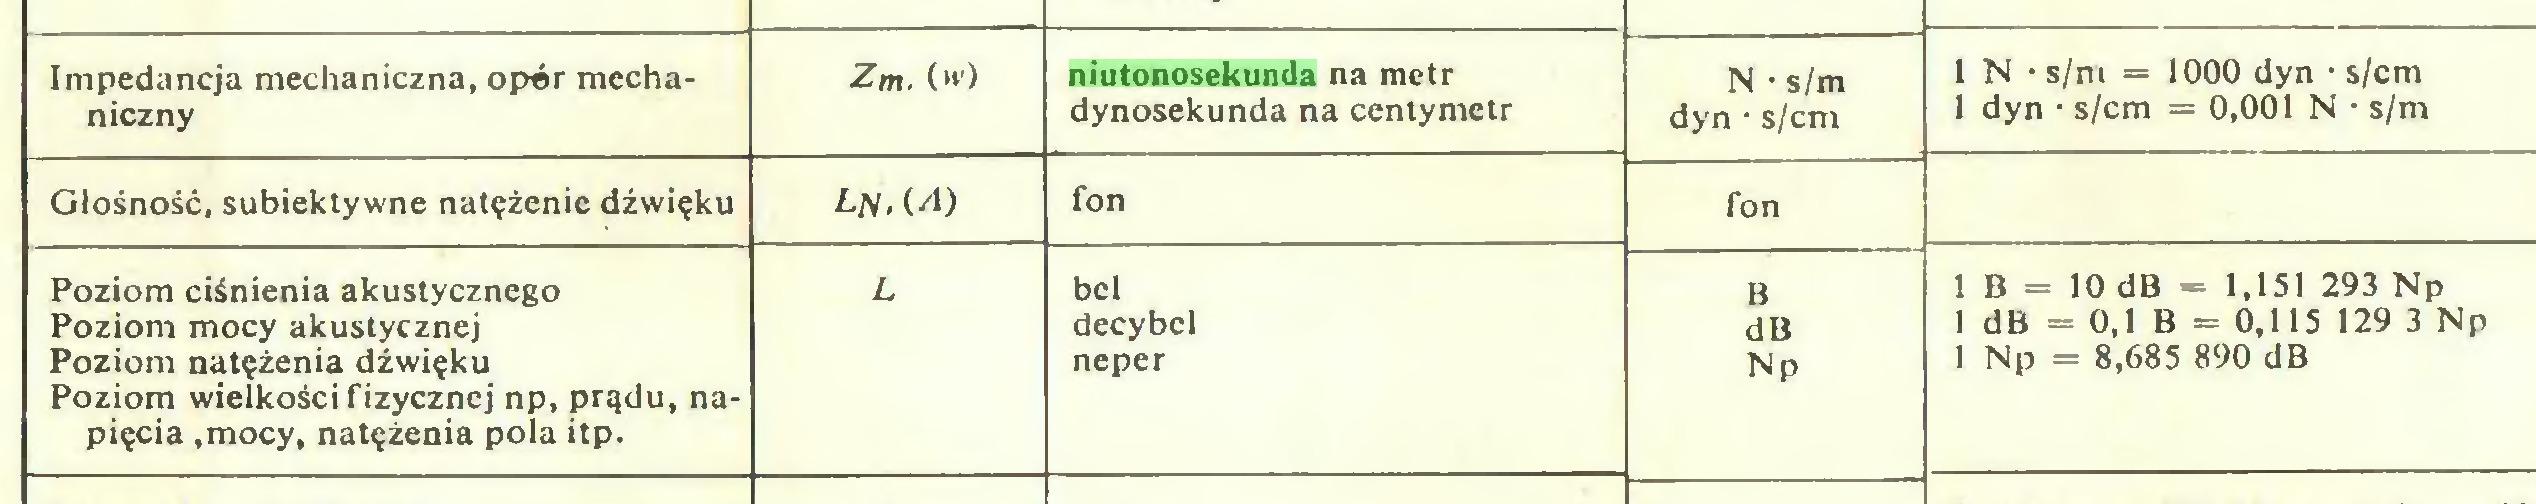 (...) Impedancja mechaniczna, oper mecha- Zm. (w) niutonosekunda na metr N • s/m 1 N • s/m = 1000 dyn • s/cm niczny dynosekunda na centymetr dyn • s/cm 1 dyn • s/cm = 0,001 N • s/m Głośność, subiektywne natężenie dźwięku LN. (.A) fon fon Poziom ciśnienia akustycznego L bel B 1 B = 10 dB = 1,151 293 Np Poziom mocy akustycznej decybel dB 1 dB = 0,1 B = 0,115 129 3 Np Poziom natężenia dźwięku Poziom wielkości fizycznej np, prądu, napięcia ,mocy, natężenia pola itp. neper Np 1 Np = 8,685 890 dB...